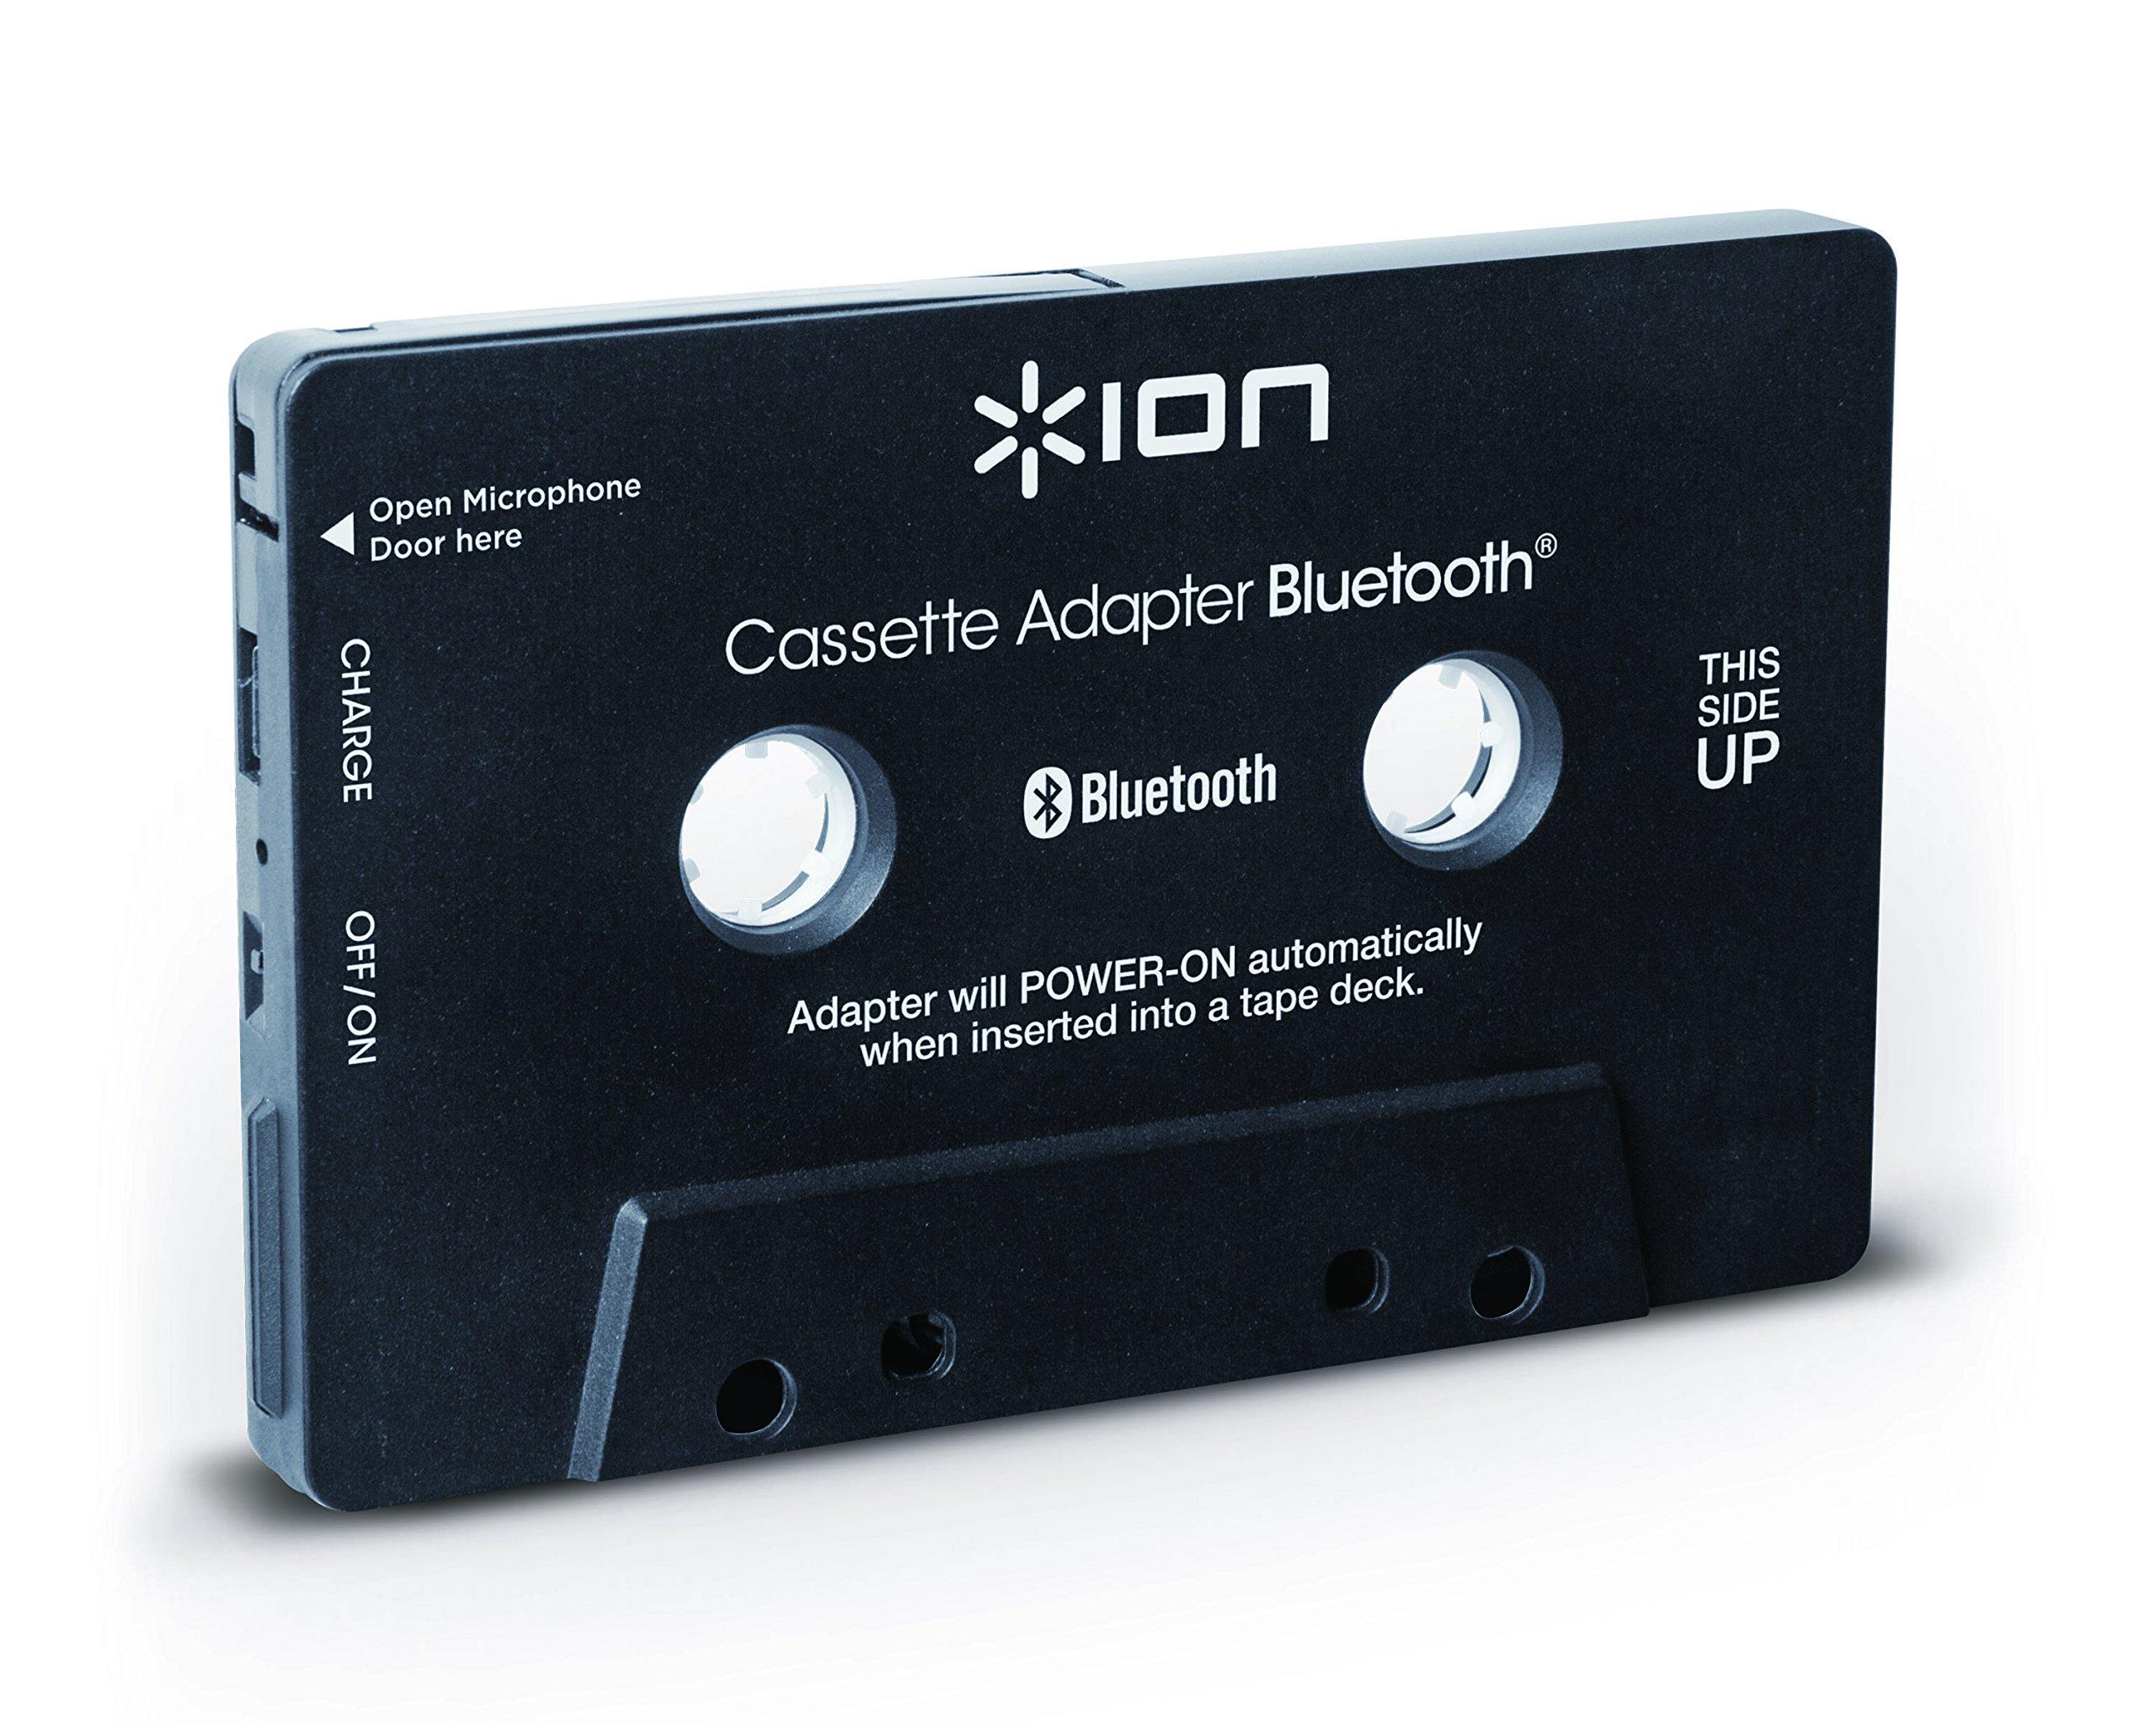 ION-Audio-Cassette-Adapter-Bluetooth-Kassettenadapter-mit-Bluetooth-Musik-Empfnger-fr-Kassettendecks-mit-eingebautem-Mikrofon-fr-den-Einsatz-als-Freisprechanlage-Schwarz